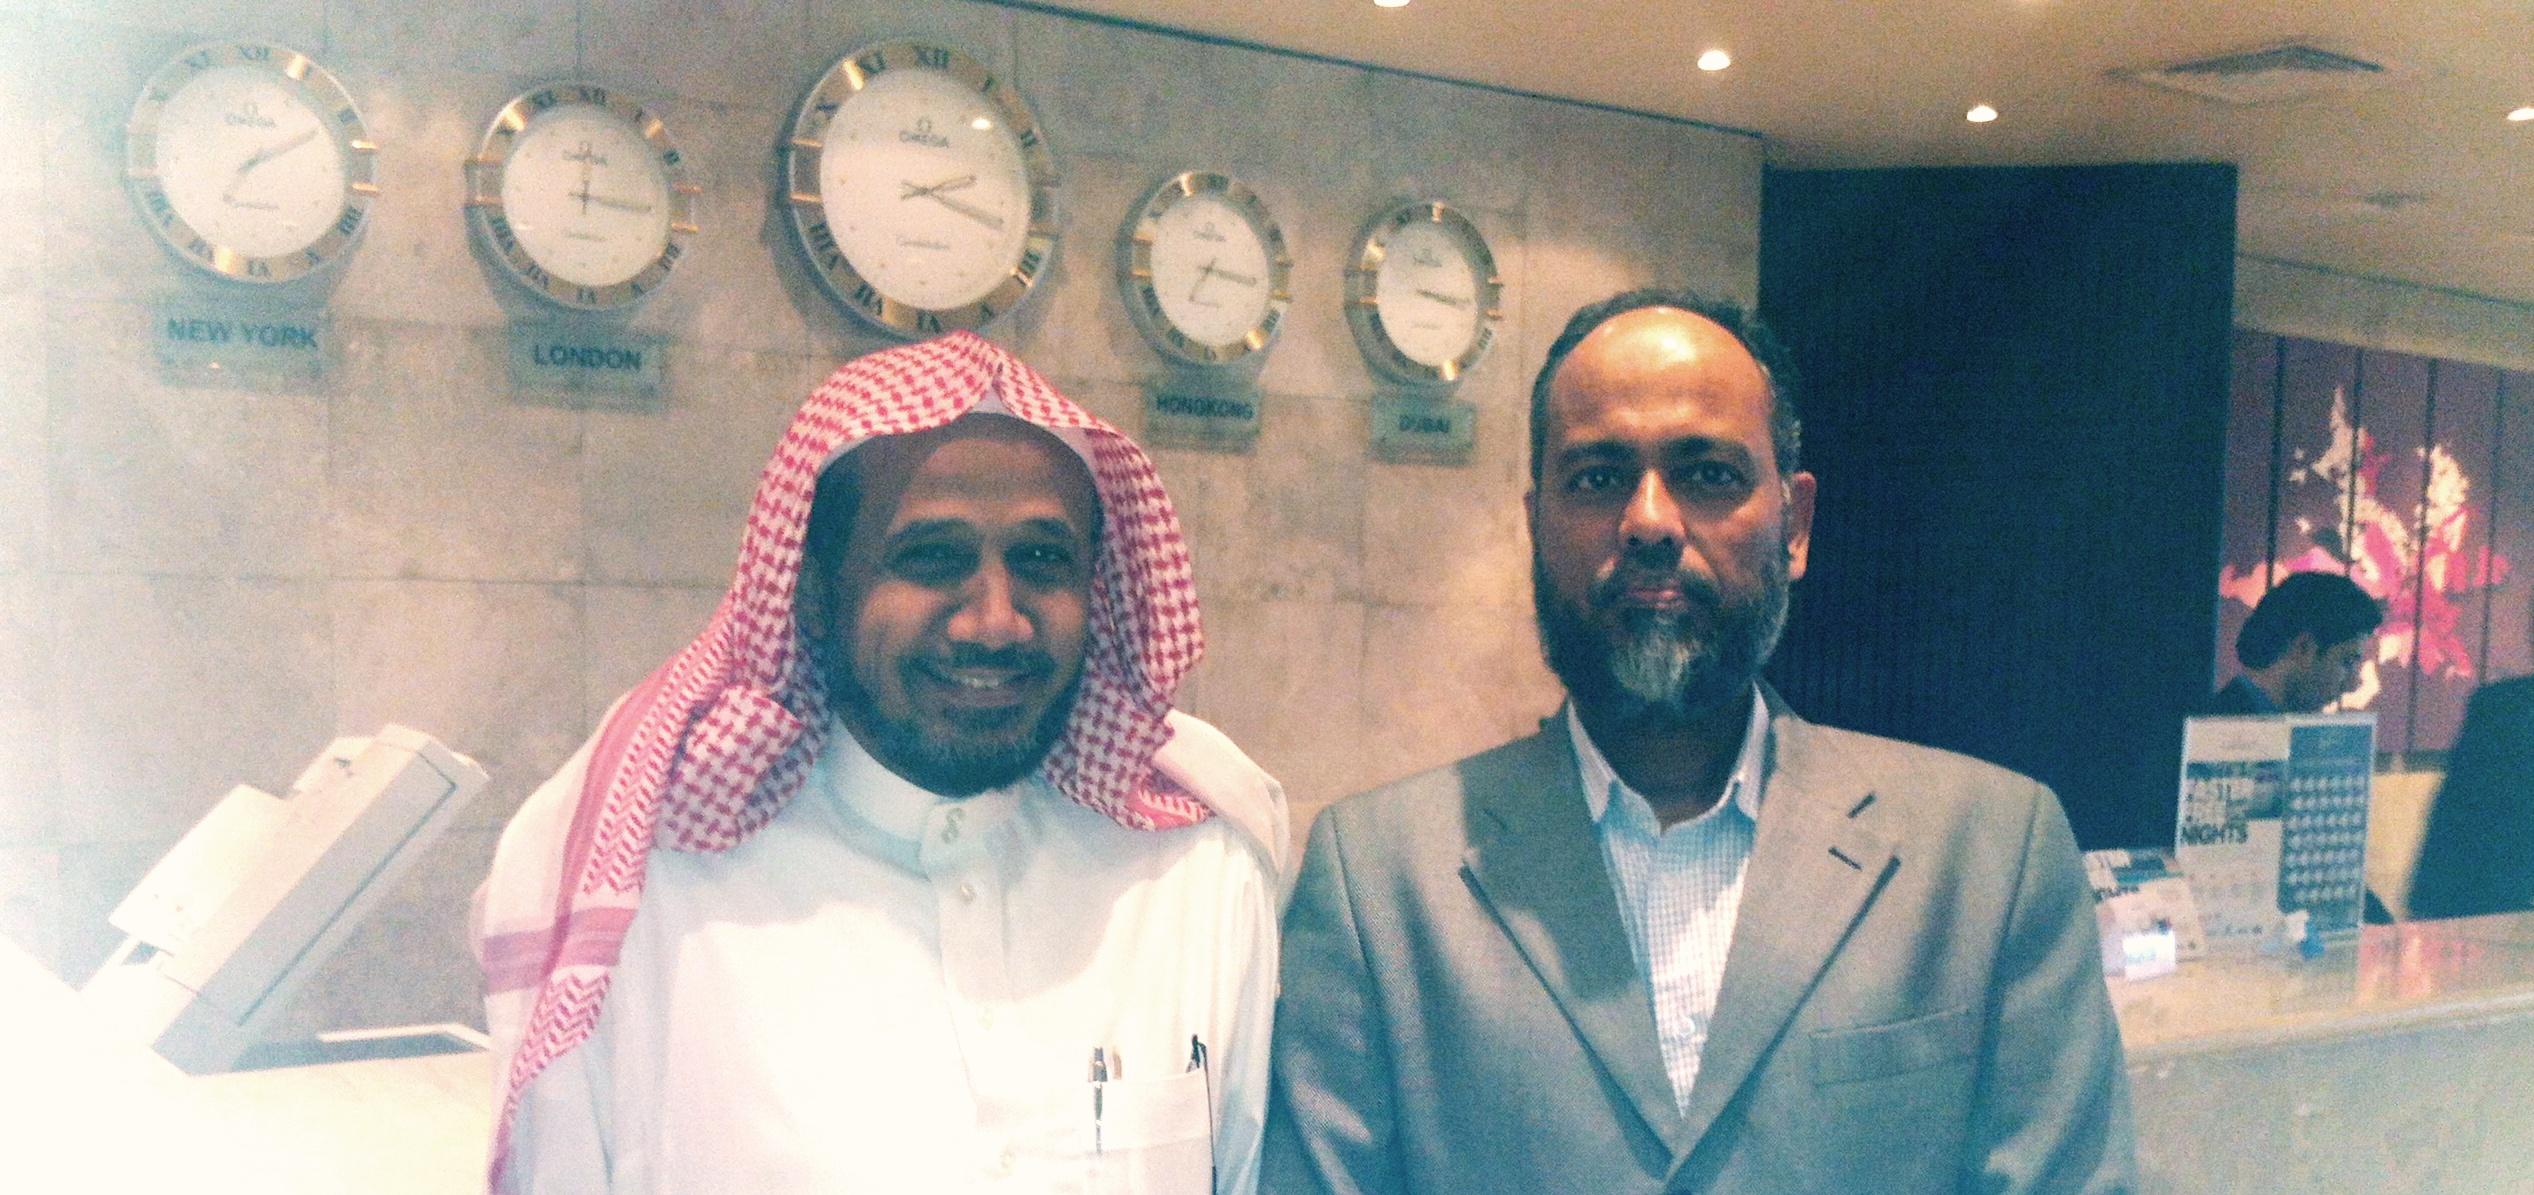 bahrainWithShaikhBasfar